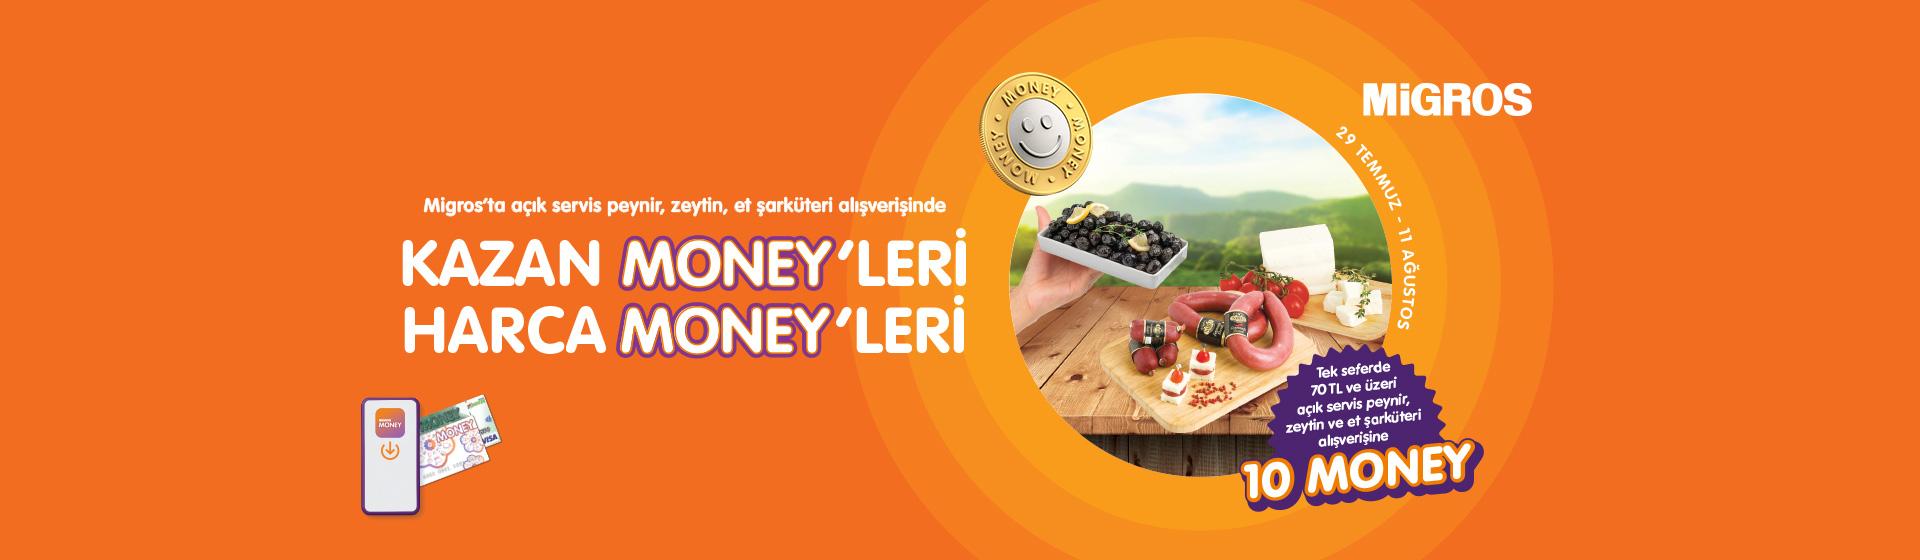 Açık Servis, Paketli Peynir, Zeytin ve Et Şarküteri Money Kampanyası